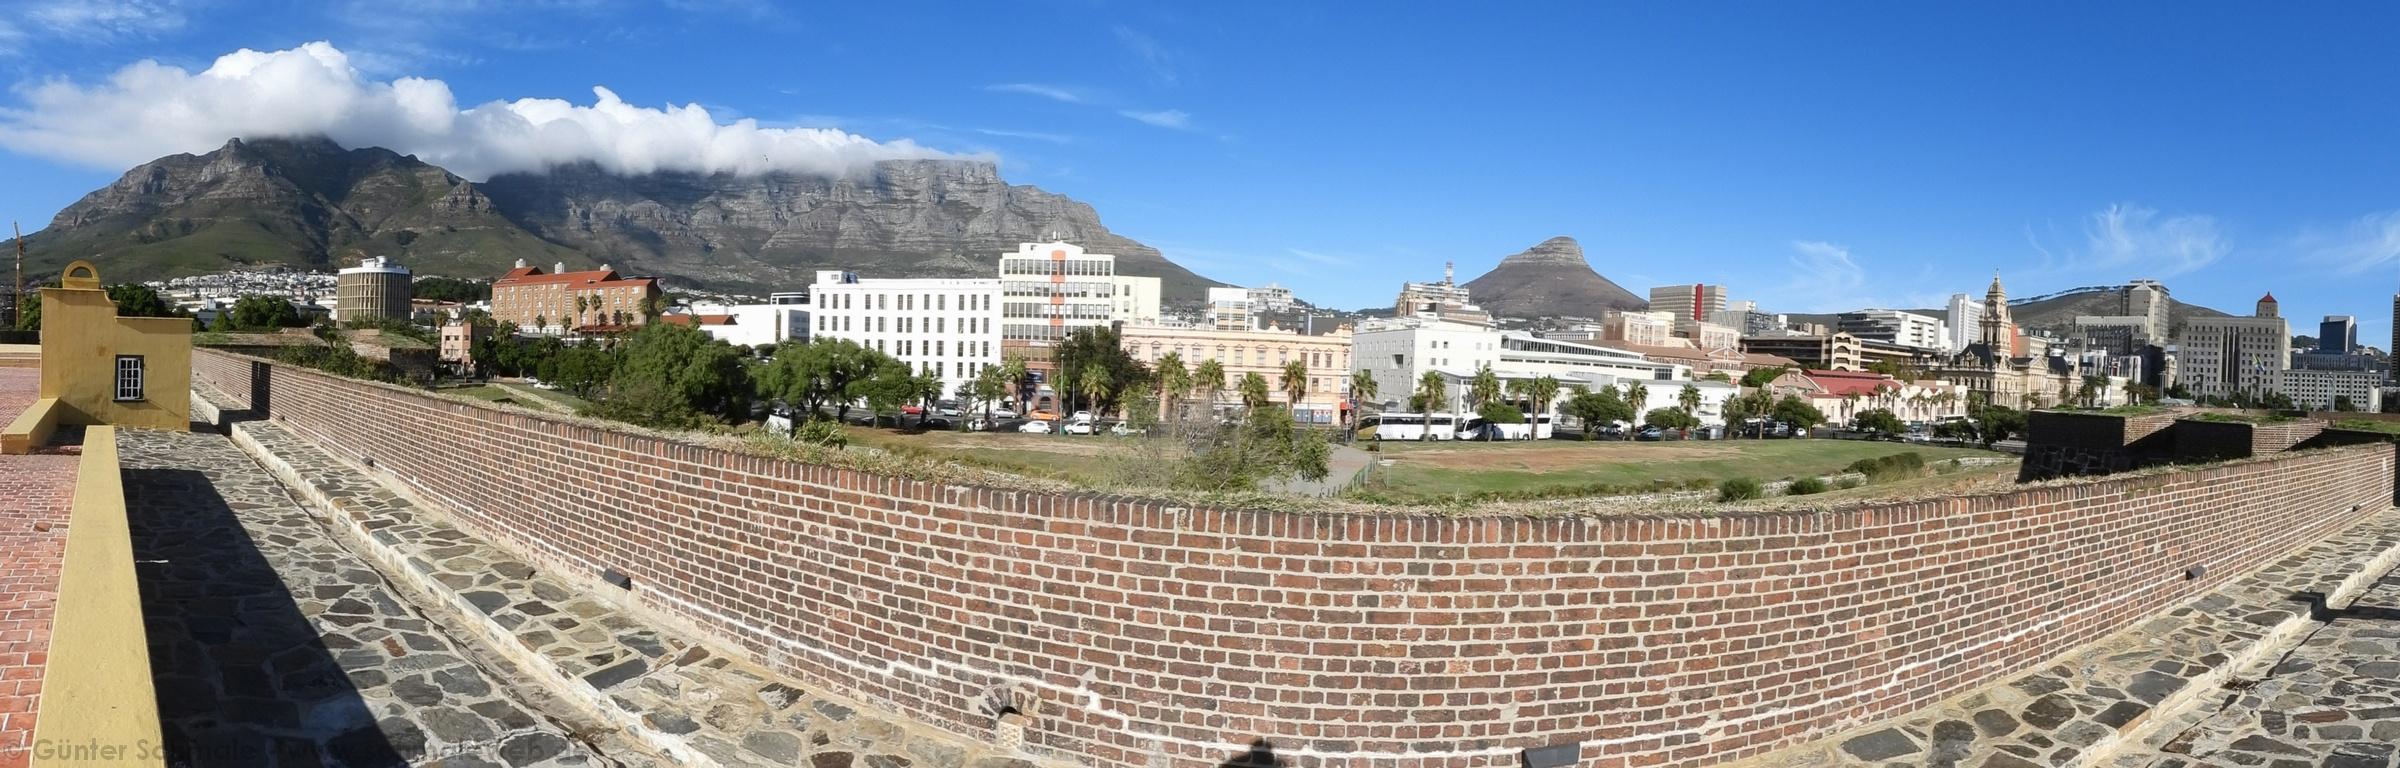 Suedafrika 2019